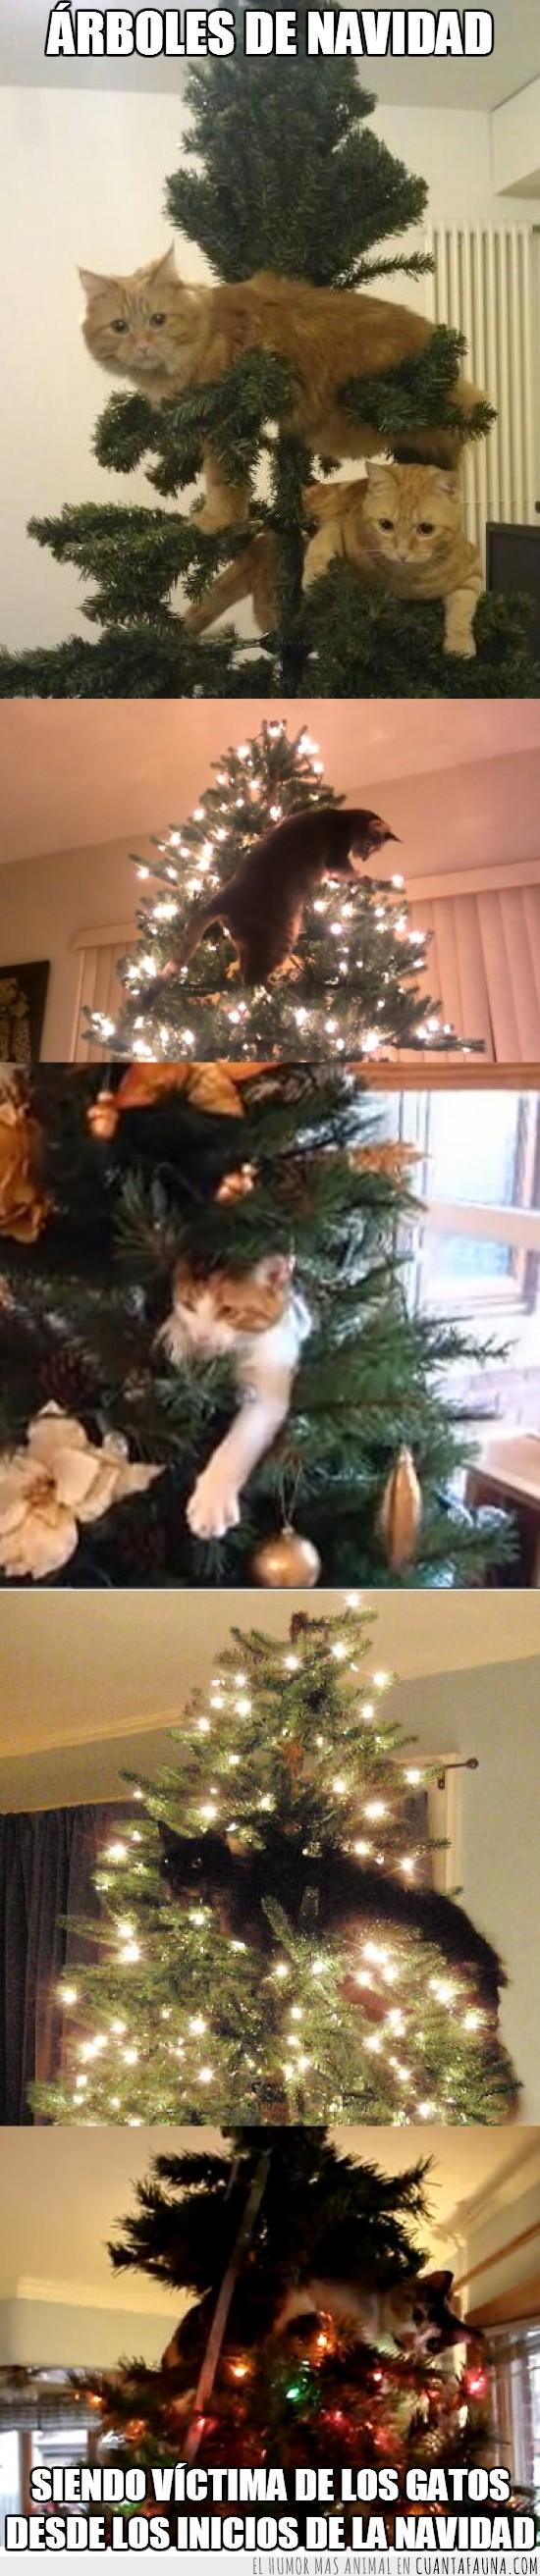 Arbol de Navidad,Enemigos naturales,Gatos destructores,Navidad